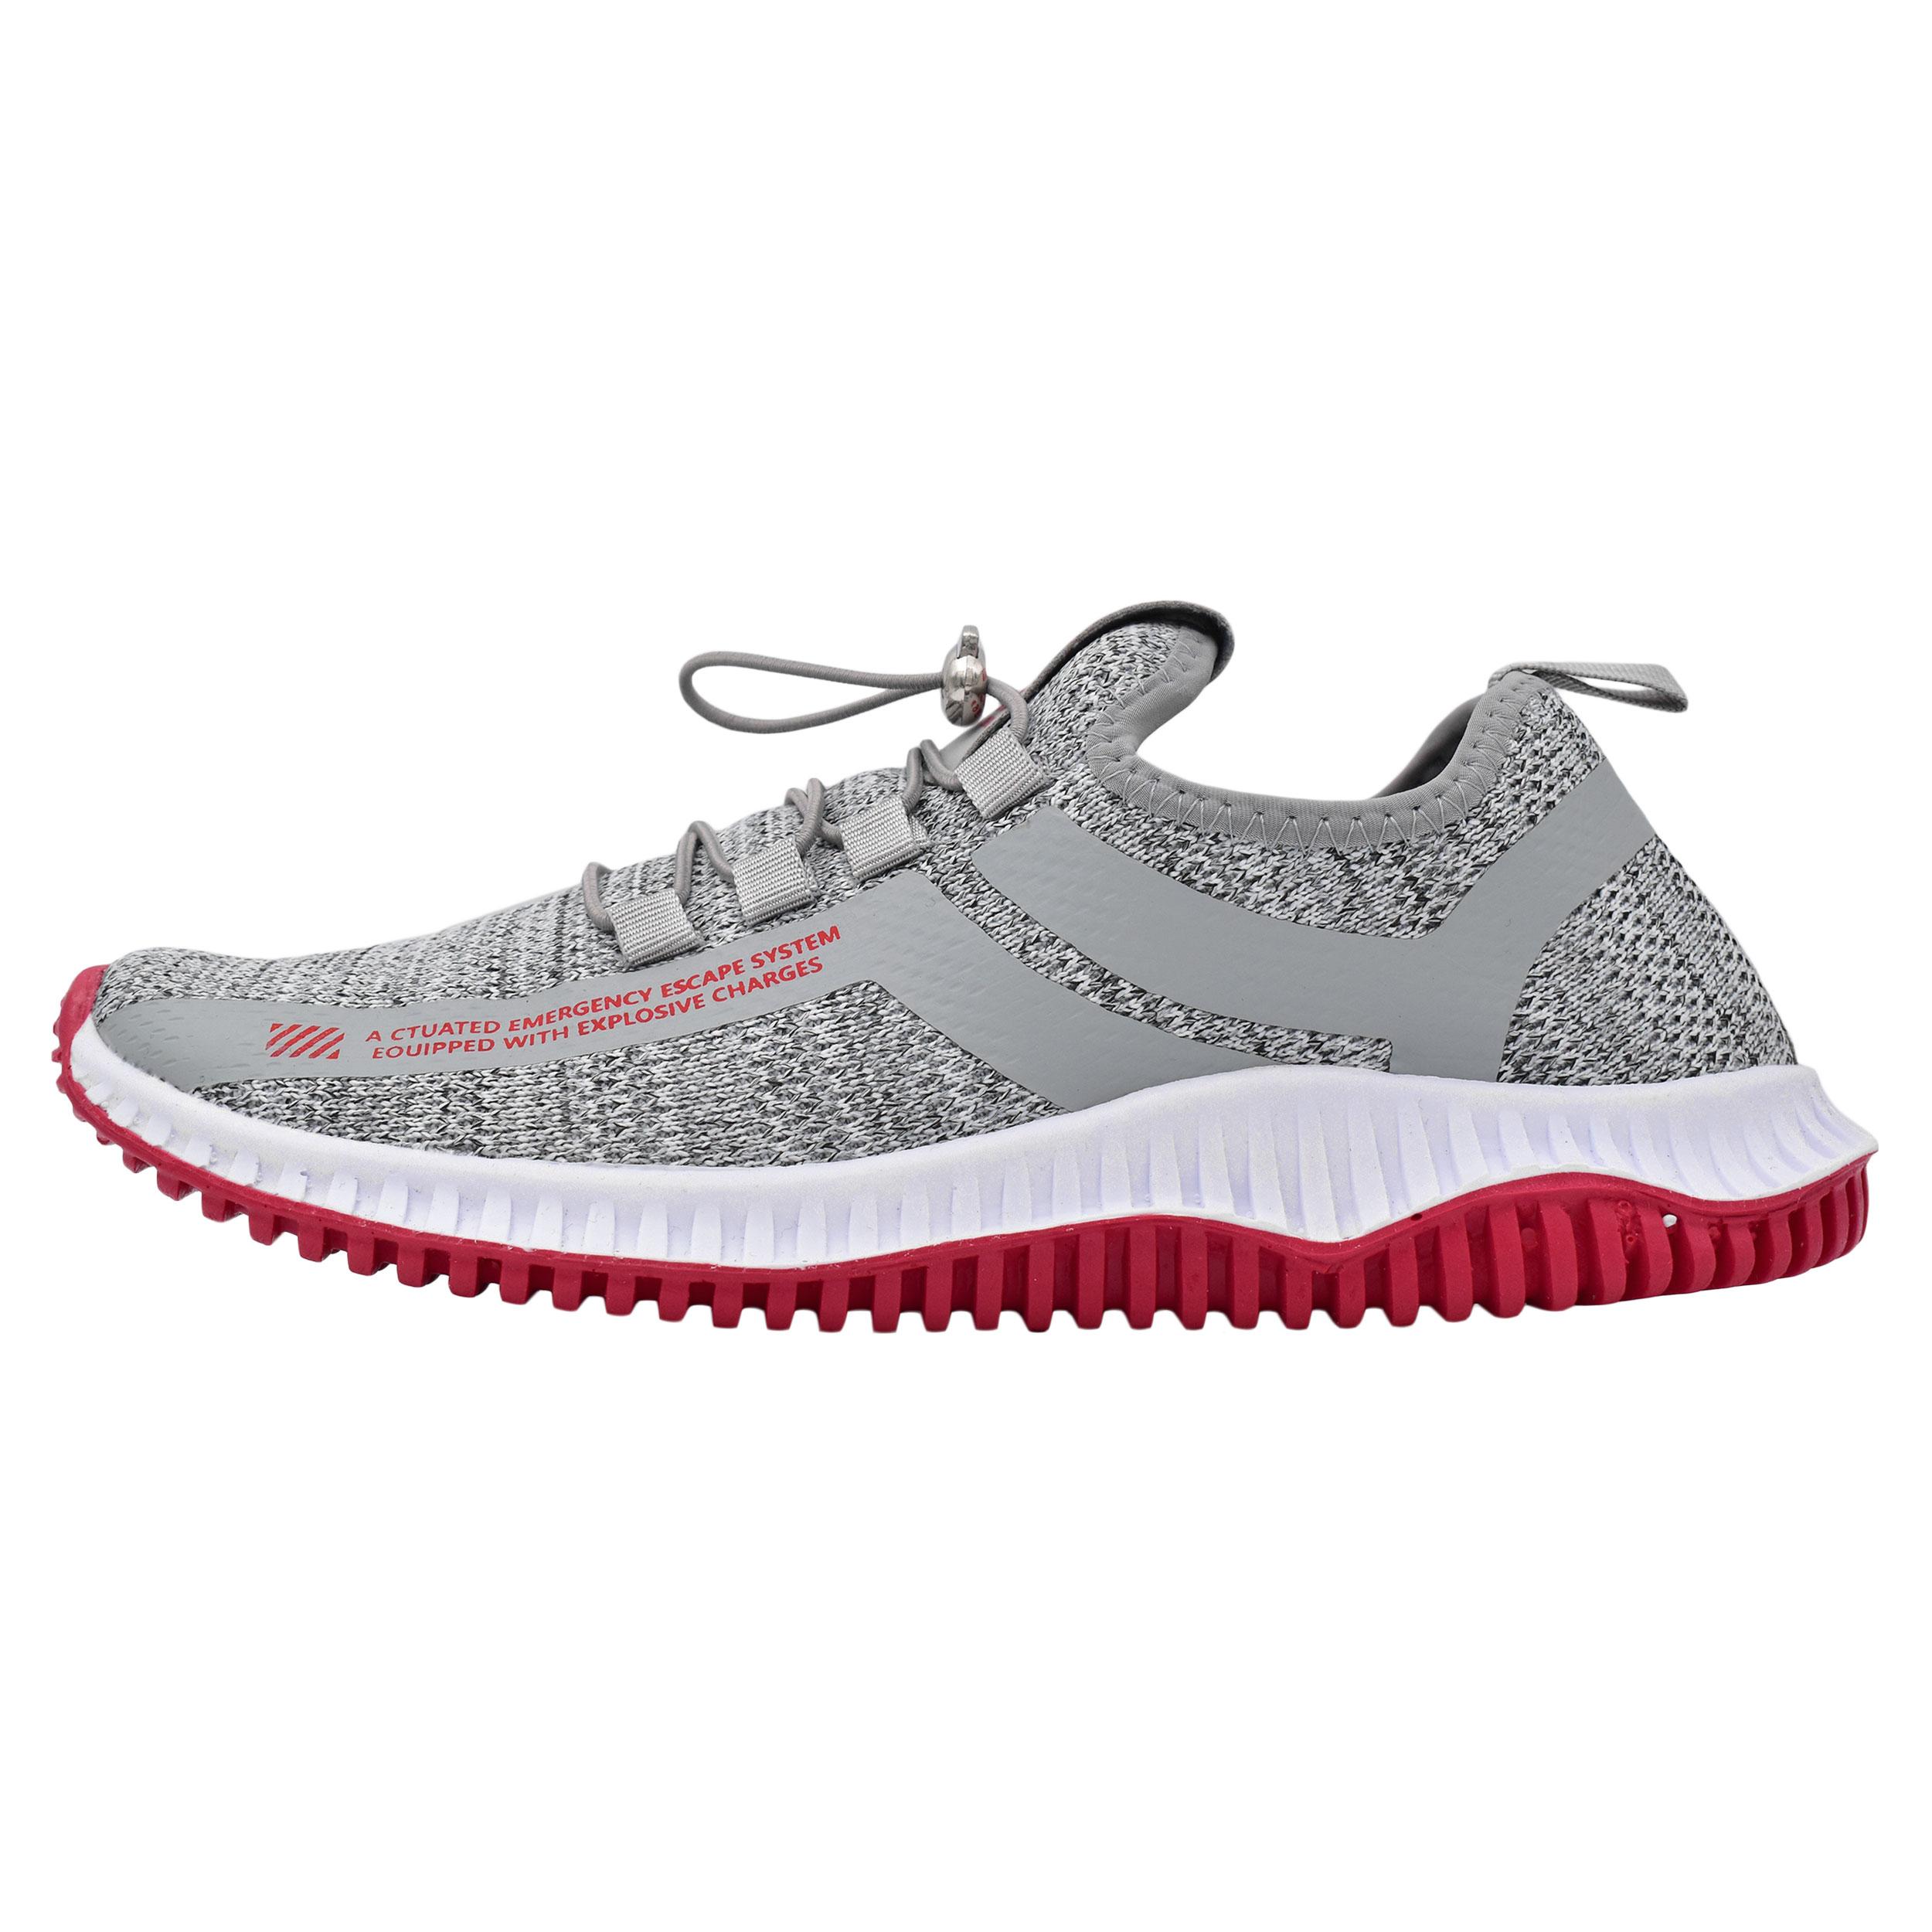 کفش پیاده روی مردانه مدل توسکا کد 7965